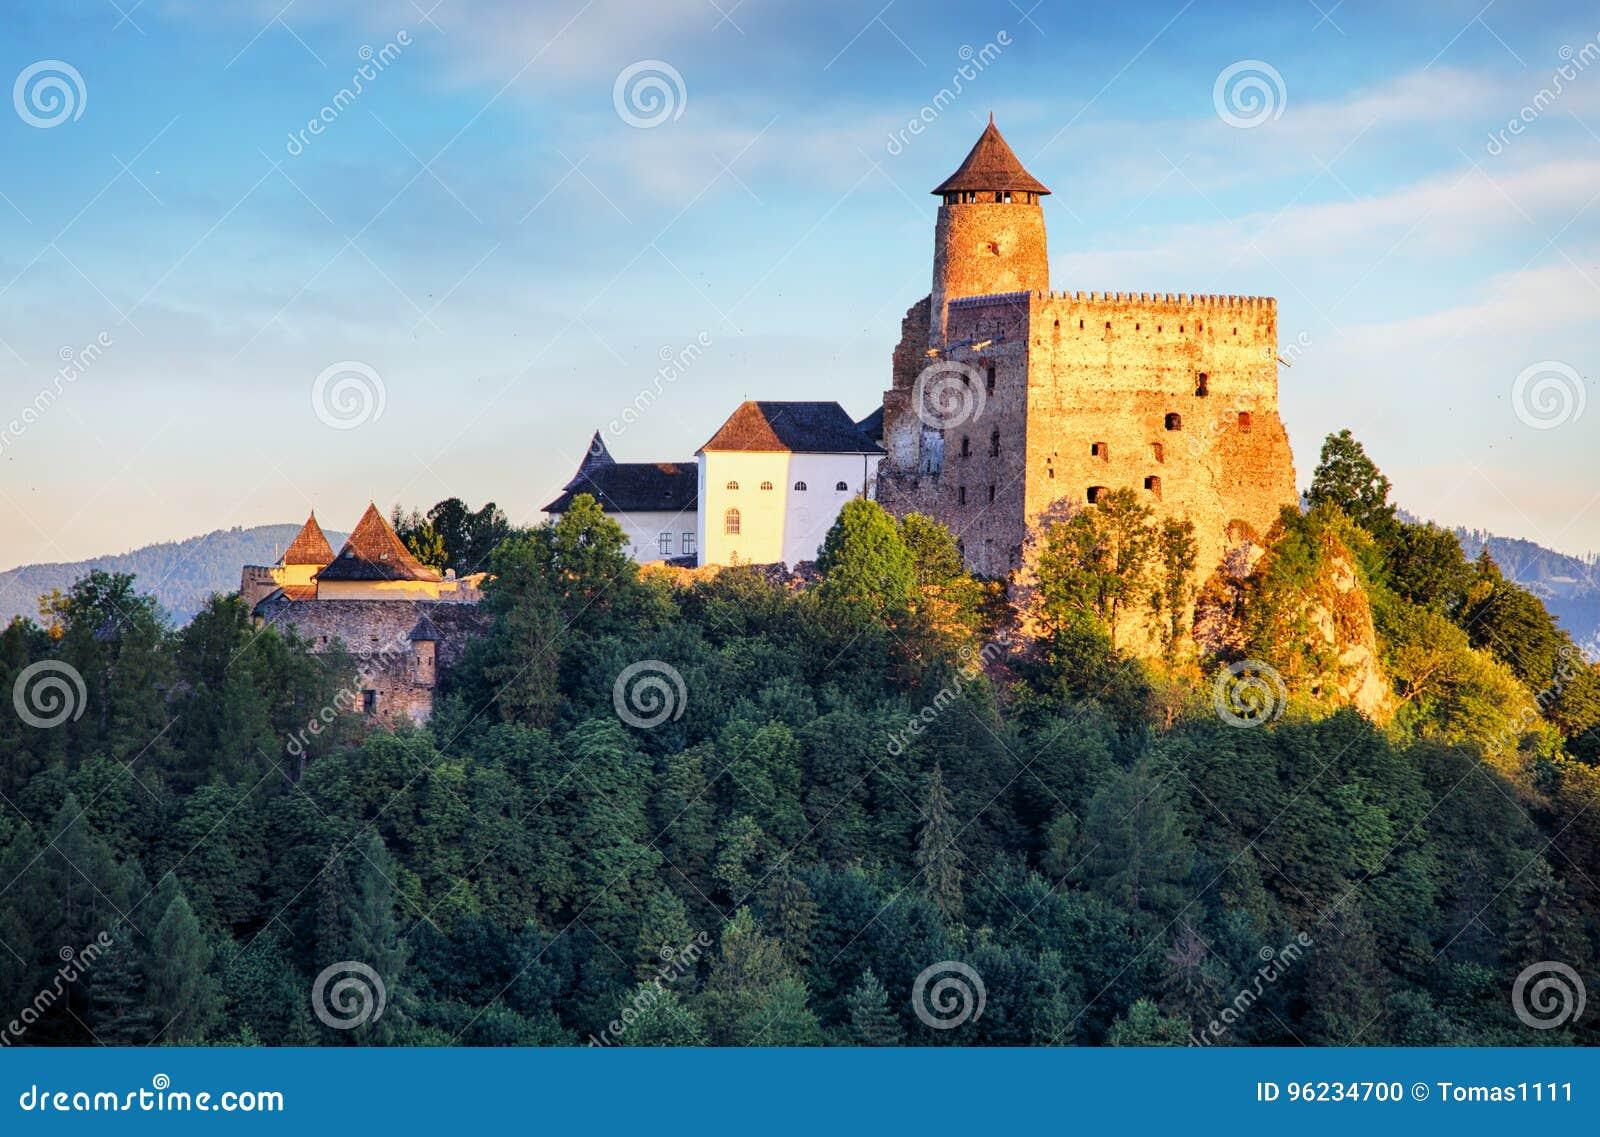 Stara Lubovna slott i Slovakien, Europa gränsmärke